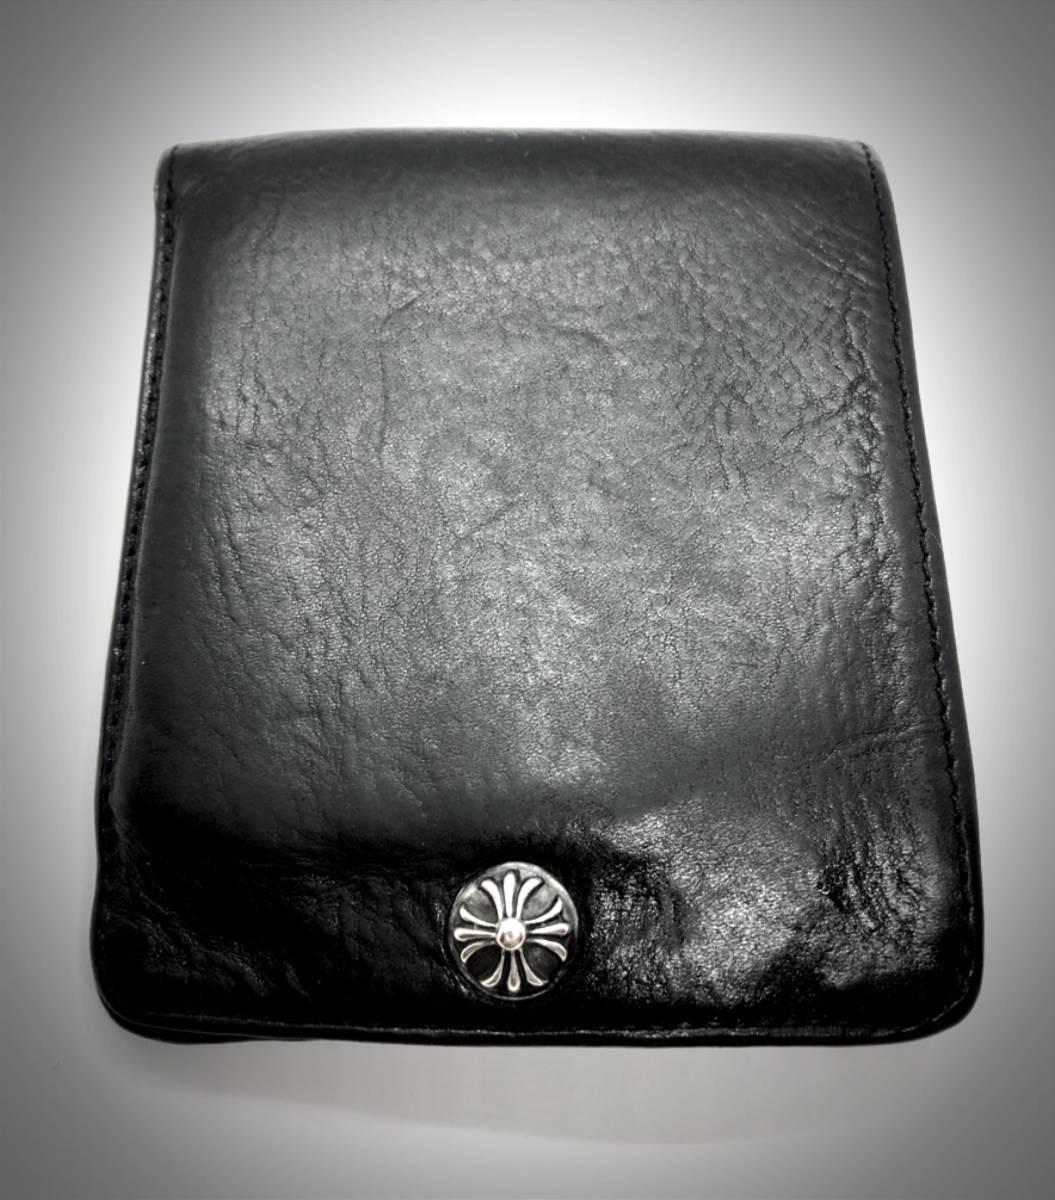 値下げ! インボイス原本(保証書) クロムハーツ 1スナップ 二つ折り 財布 本物